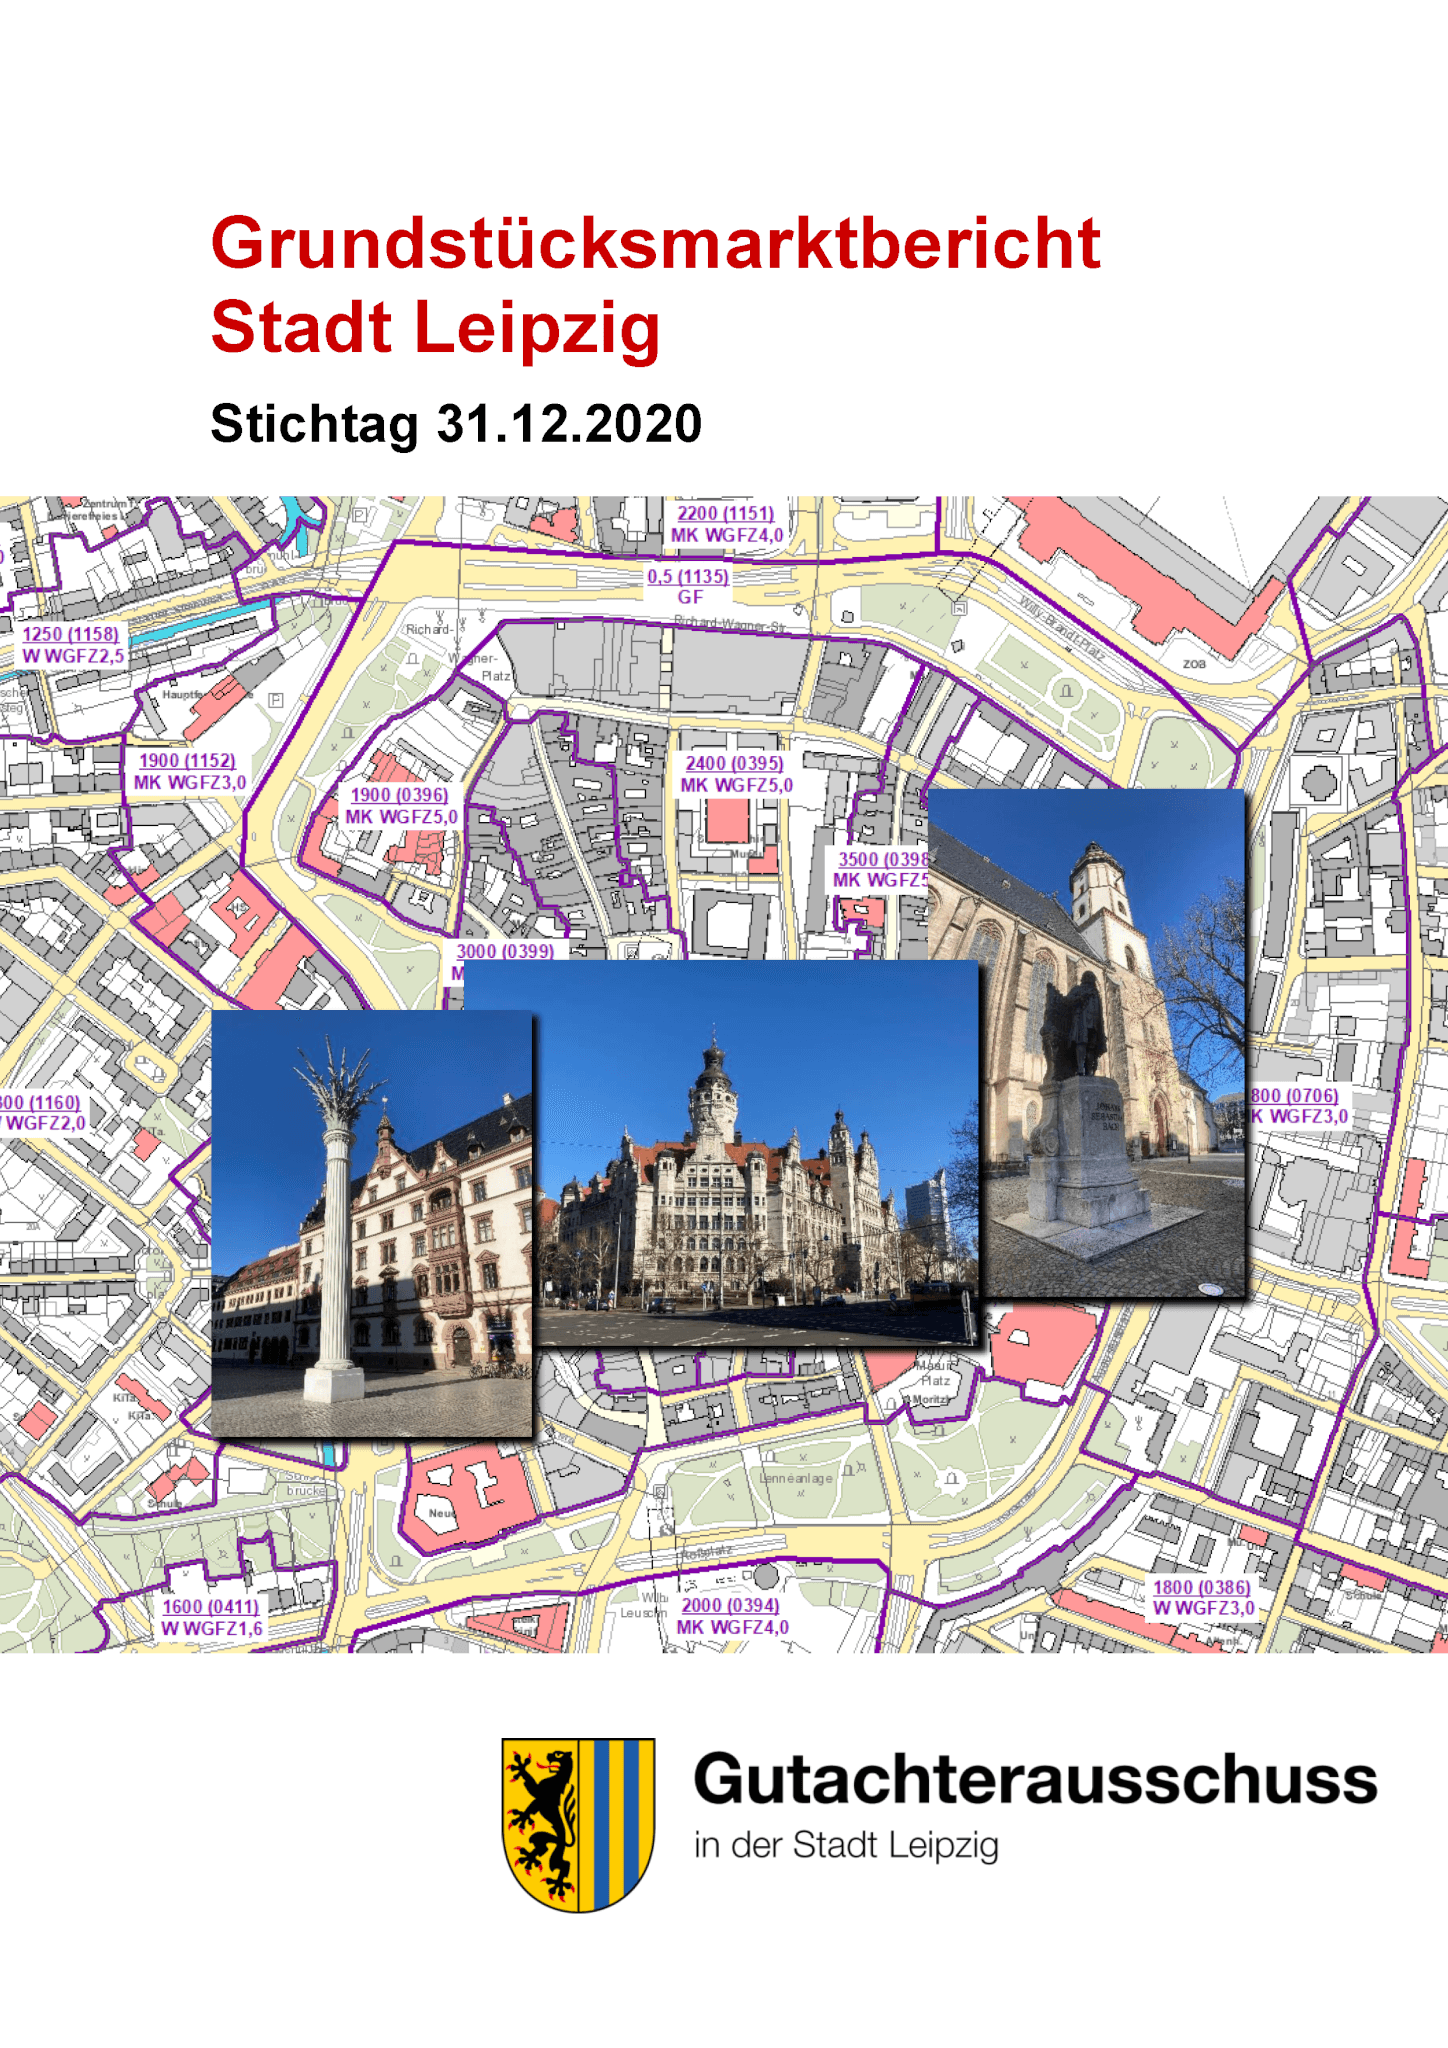 Grundstücksmarktbericht Leipzig 2020